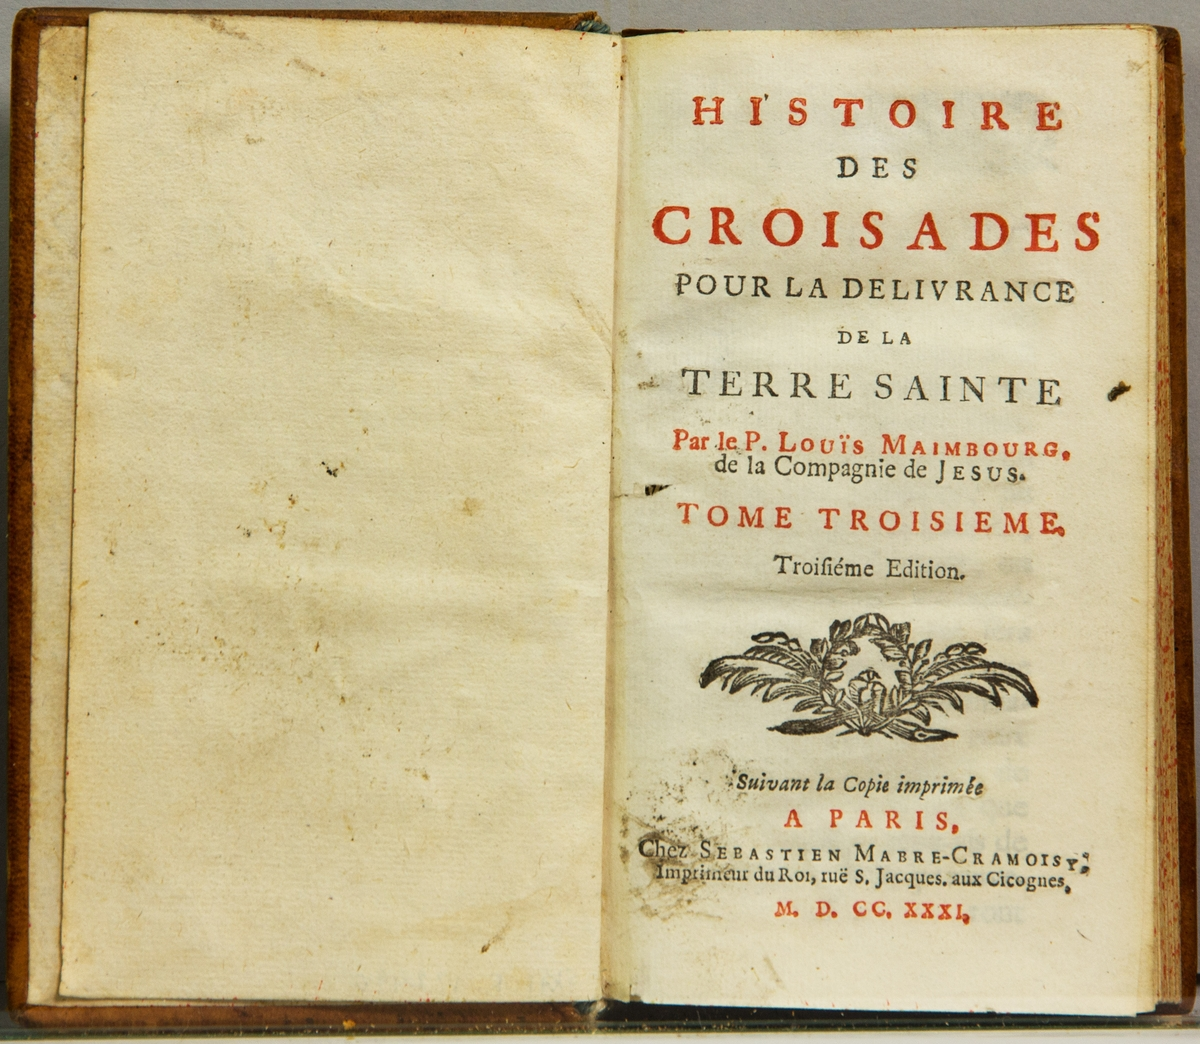 """Bok, helfranskt band, """"Histoire des croisades pour la delivrance de la terre sainte"""", del III, skriven av Louis Maimbourg, utgiven i Paris hos Sebastien Mabre-Cramoisy 1731. Skinnband med blindpressad och guldornerad rygg i fyra upphöjda bind, titelfält med blindpressad titel , fält med volymens nummer, ett fält med ägarens initialer samt påklistrad pappersetikett. Med rödstänkt snitt."""